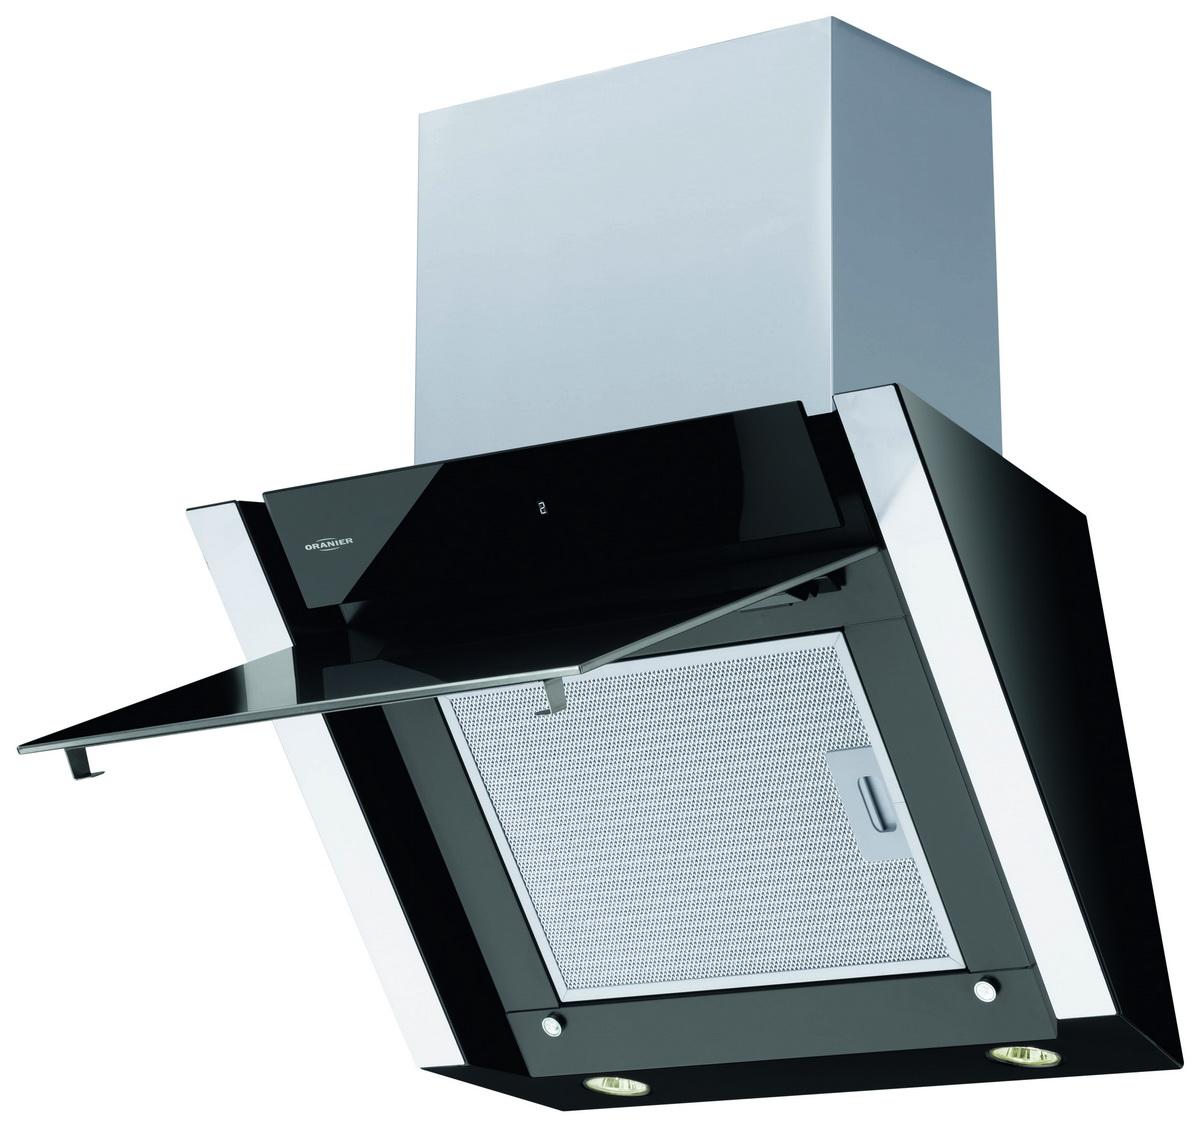 Außengitter für Abluftschlauch Abluftrohr 125mm 260 x 100 mm Flach Edelstahl